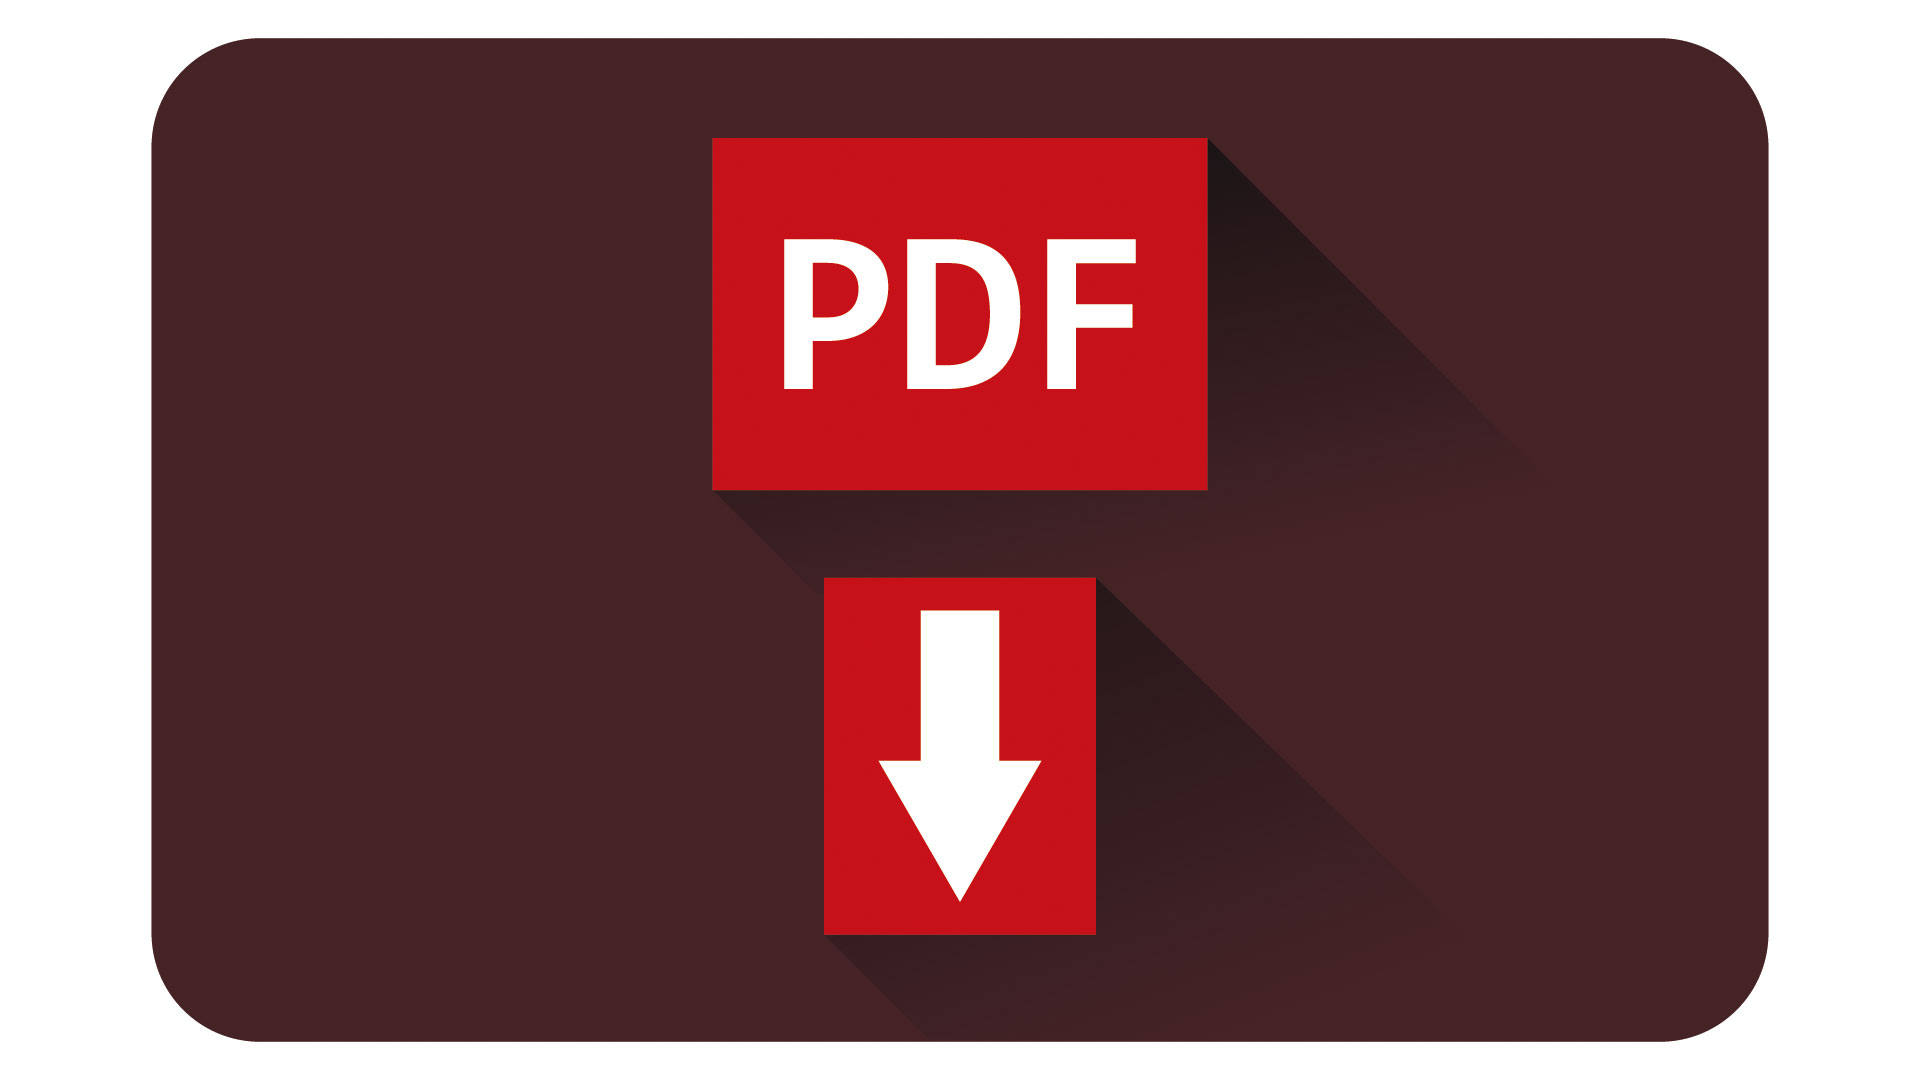 イラストレーターでファイル編集しPDFに変換する方法